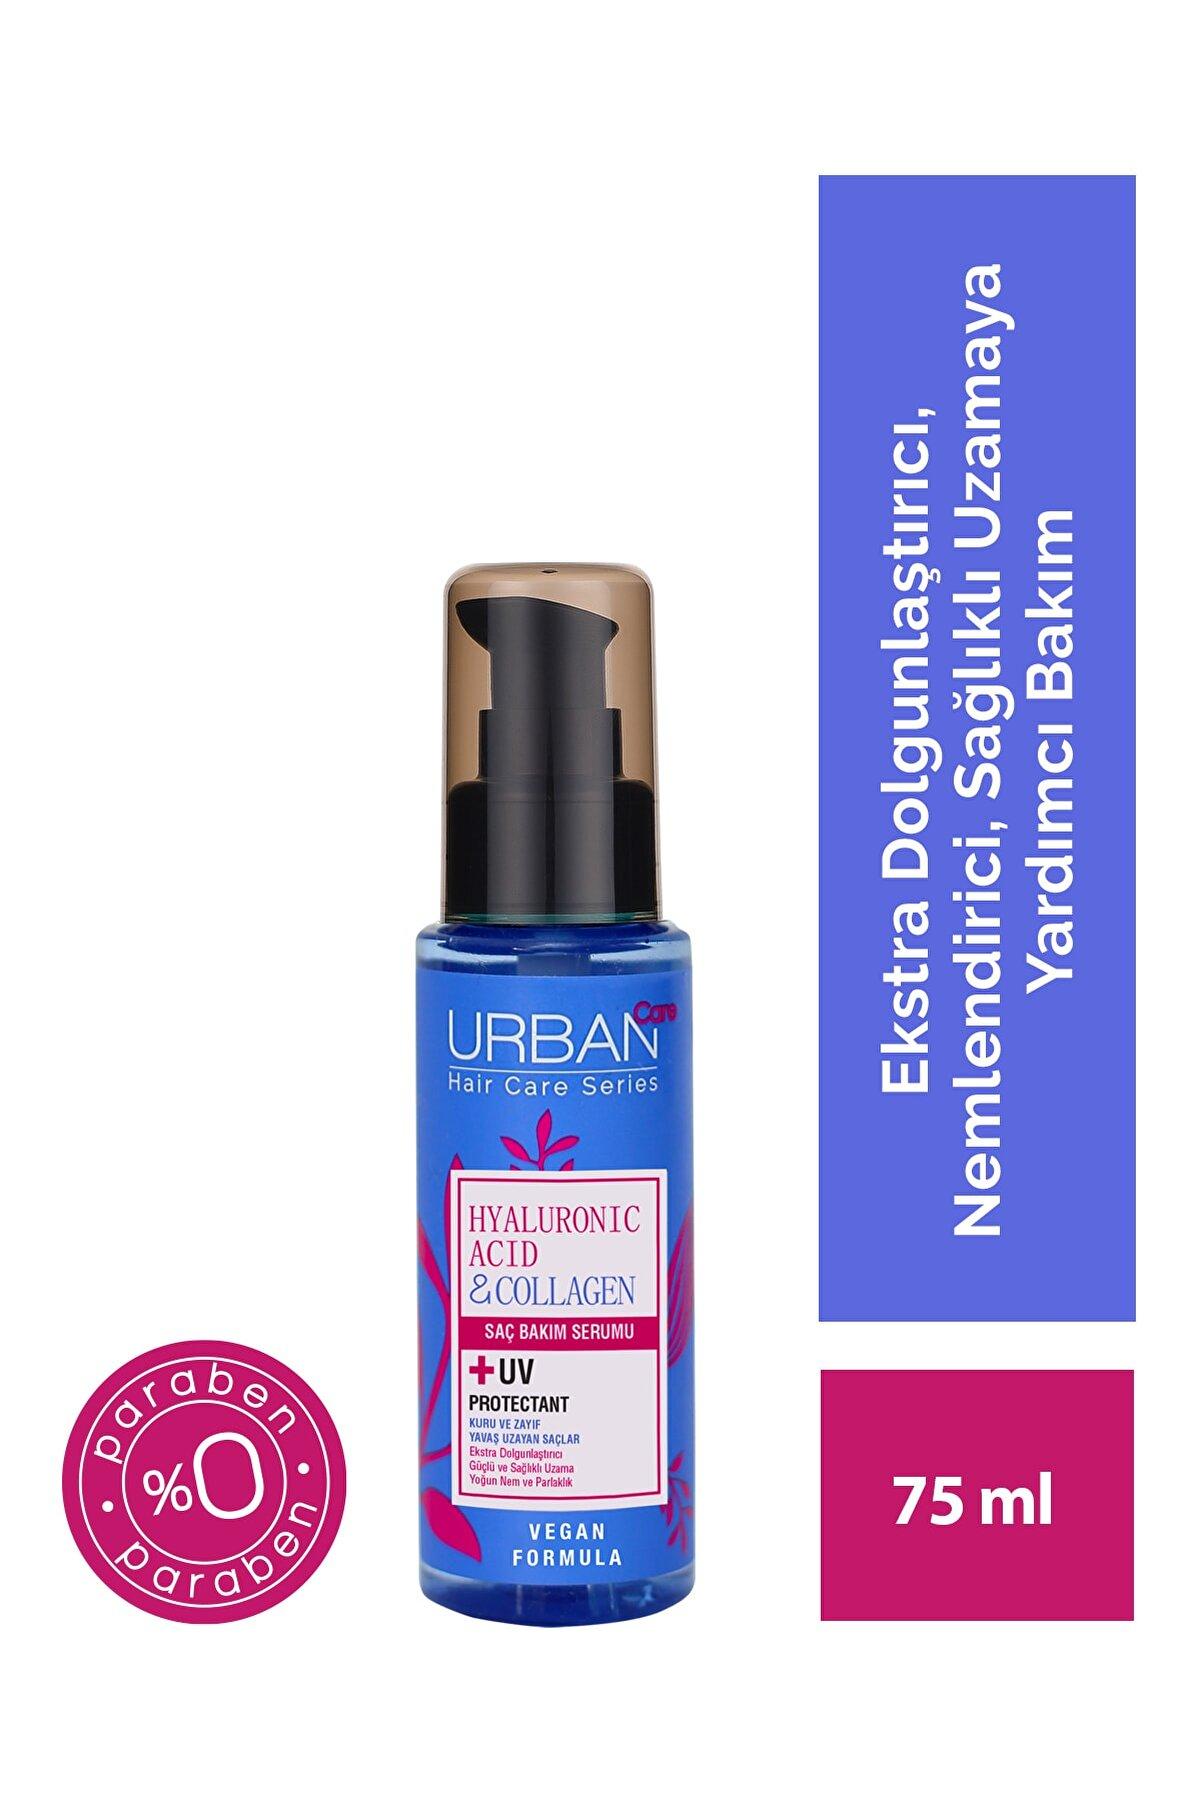 Urban Care Hyaluronic Acid & Collagen Saç Bakım Serumu / Hyalüronik Asit